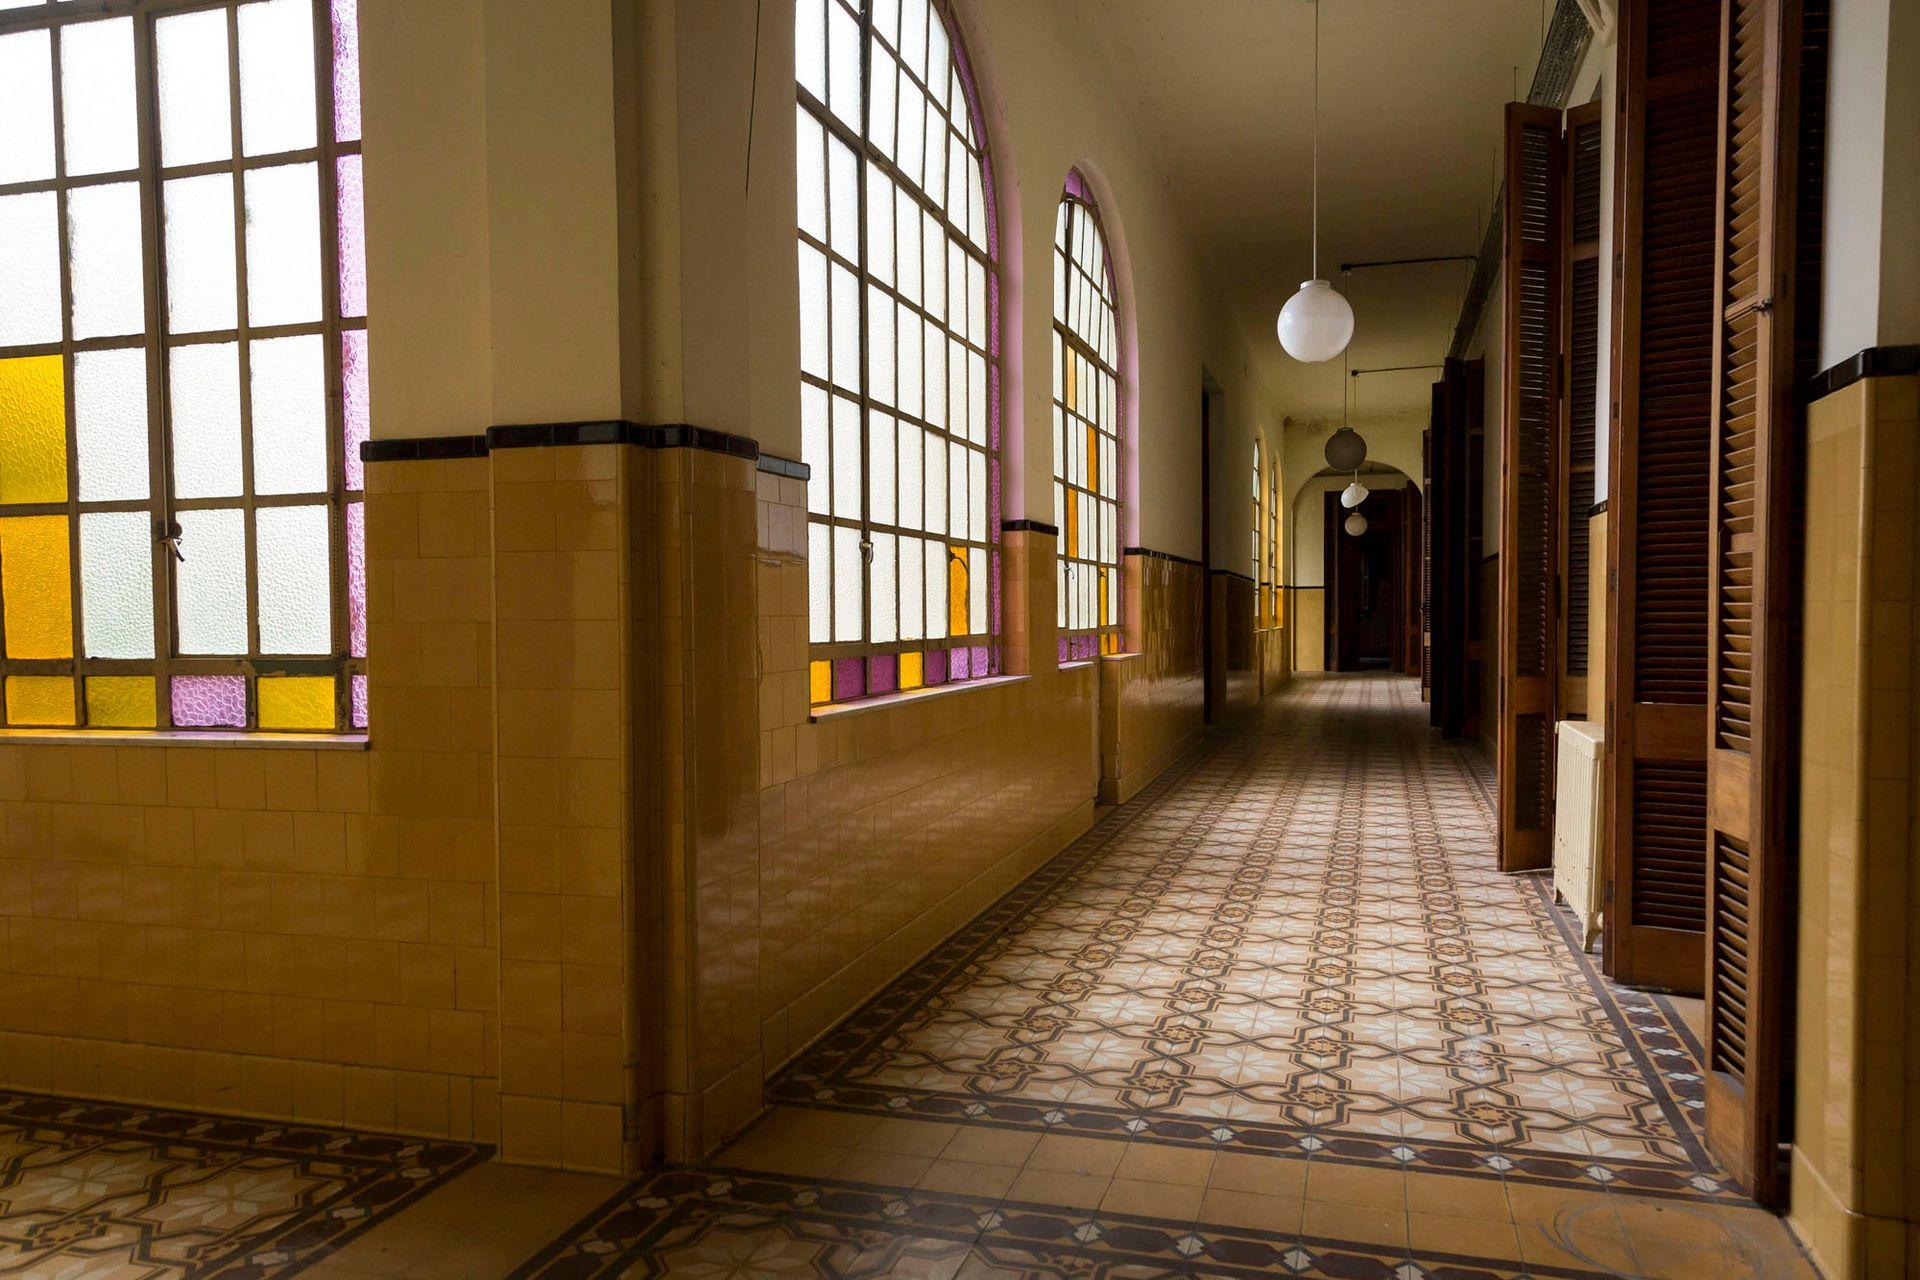 Otro convento porteño se transforma: en Villa Devoto construirán un edificio de departamentos